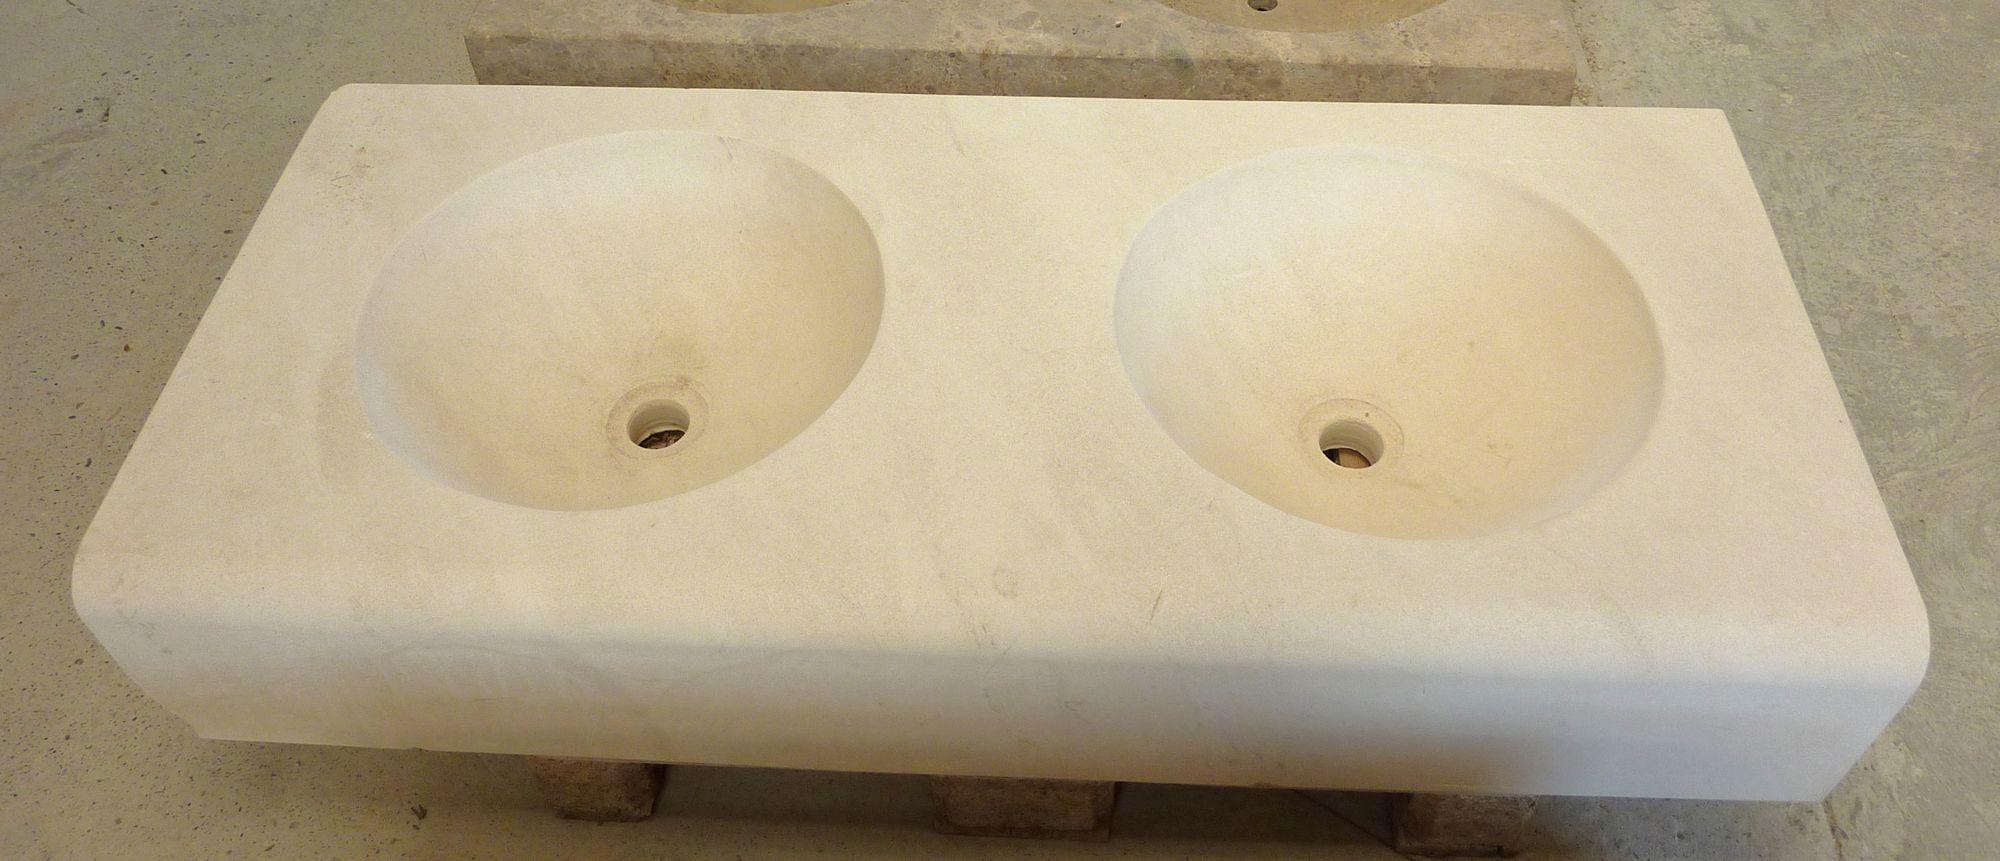 Un élégant évier taillé dans la pierre naturelle blanche du Gard. Il possède deux bacs incurvés et est doté de beaux et larges rebords qui peuvent servir à déposer tout votre nécessaire de toilette.